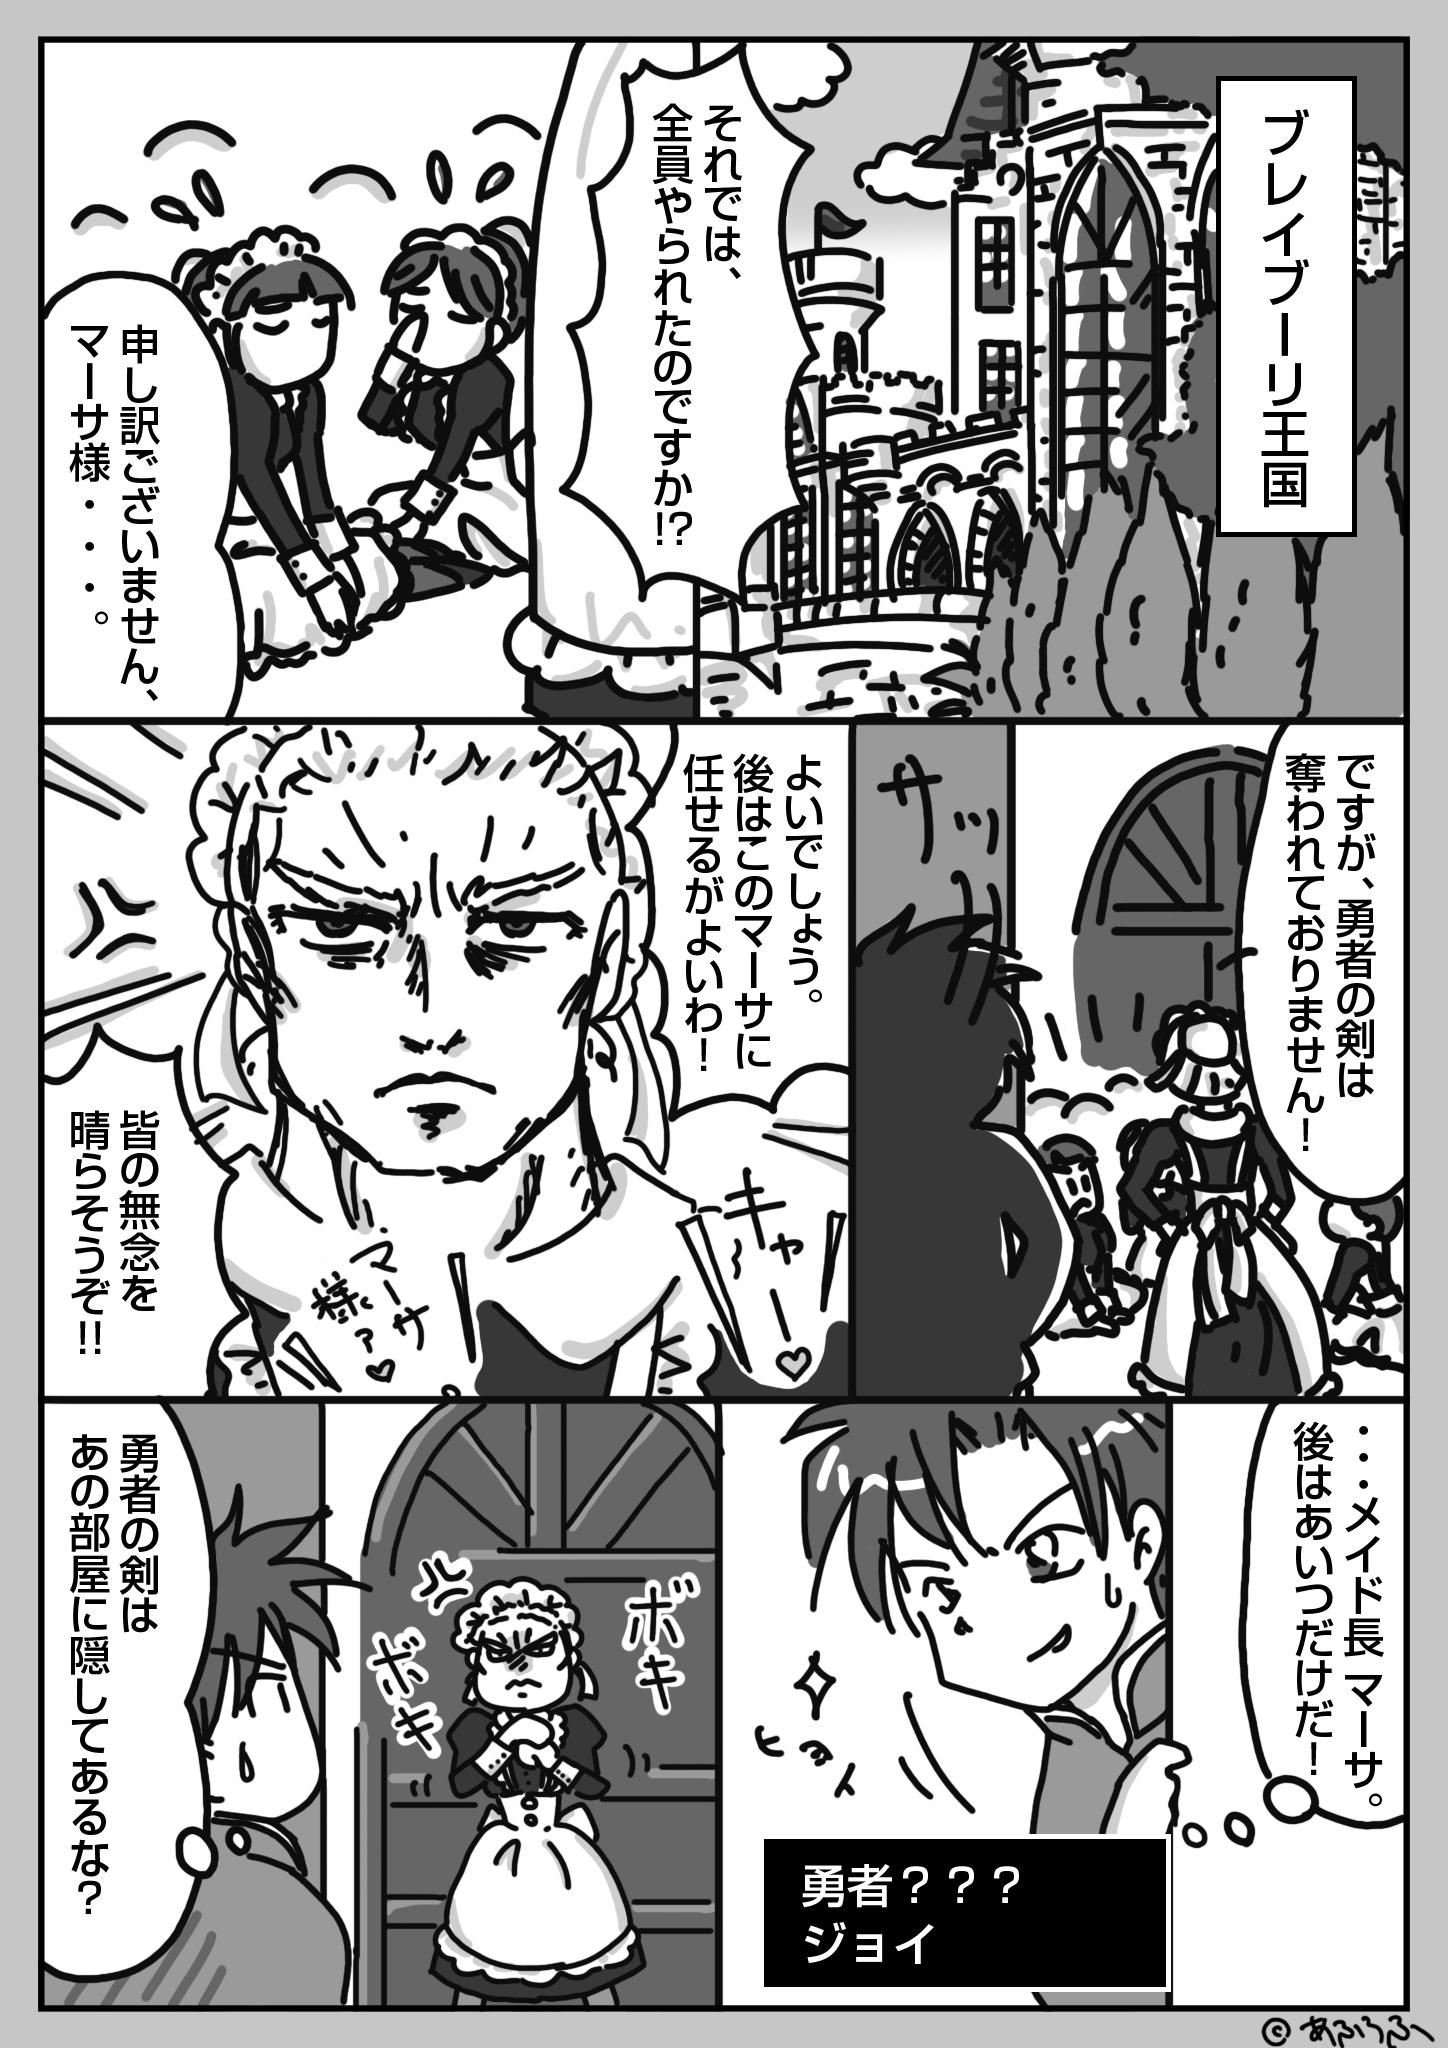 2話(1)『Say YES to new adventures! 〜追い出された勇者〜』